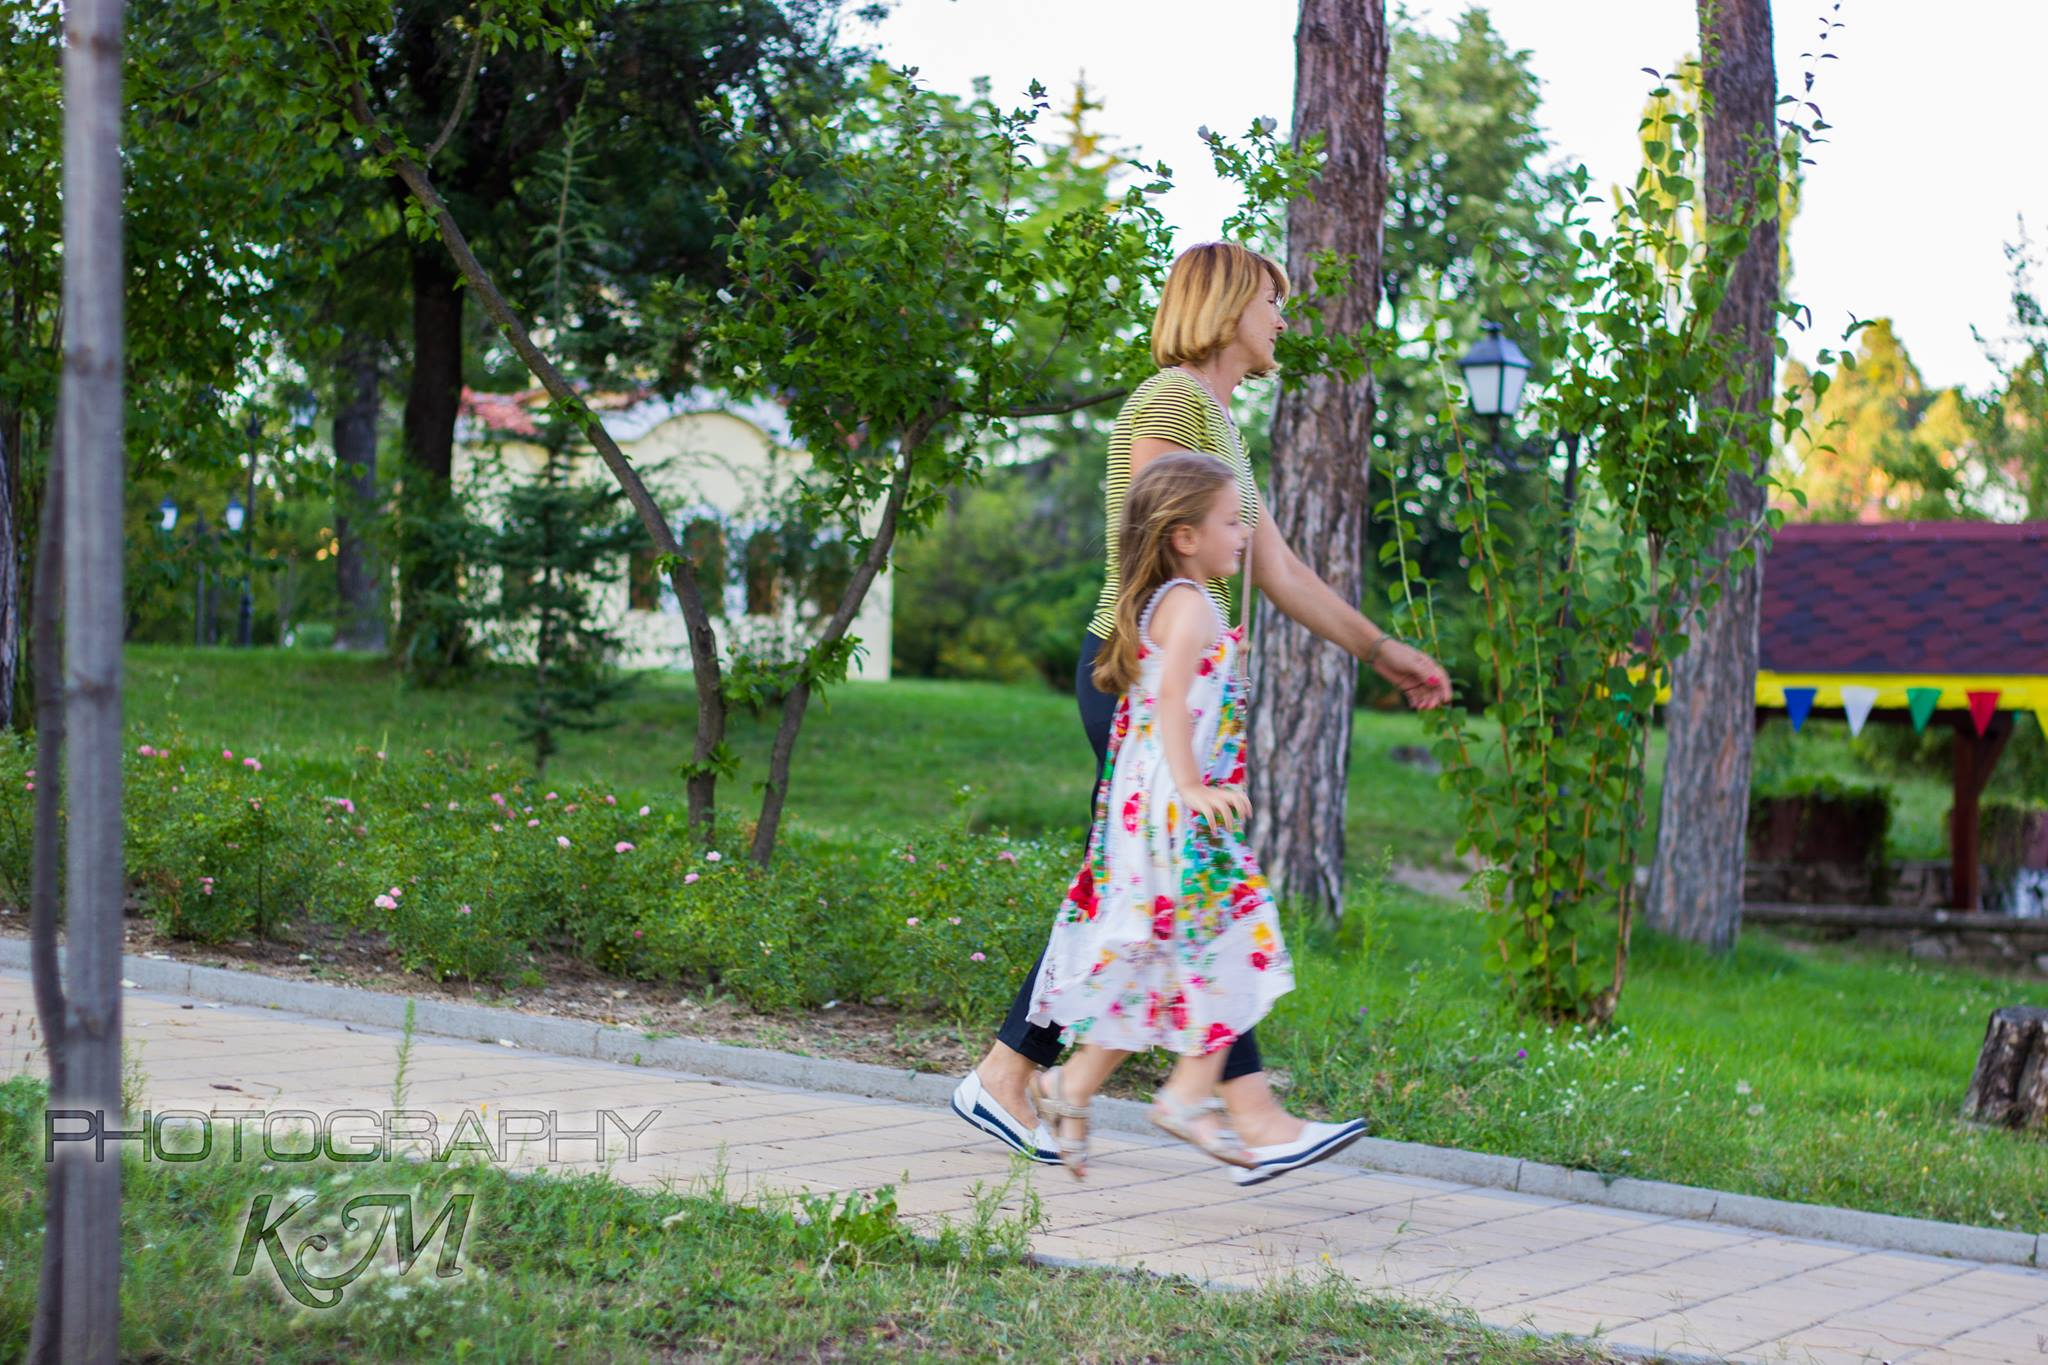 Продължават действията по облагородяването и възстановяването на градската среда във Велинград